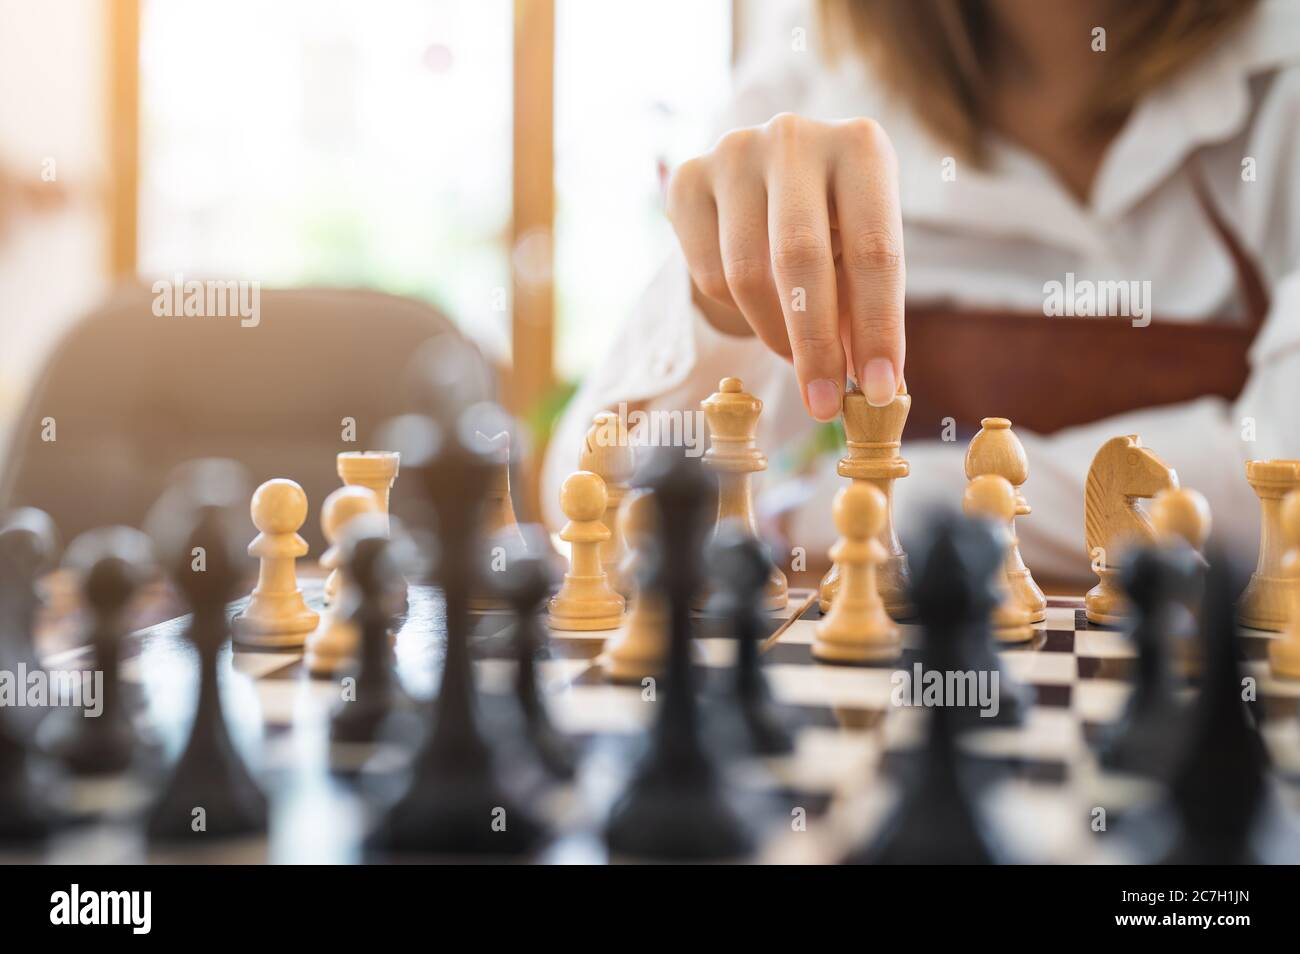 Femme jouant aux échecs en club, activité du week-end et concept de complice Banque D'Images